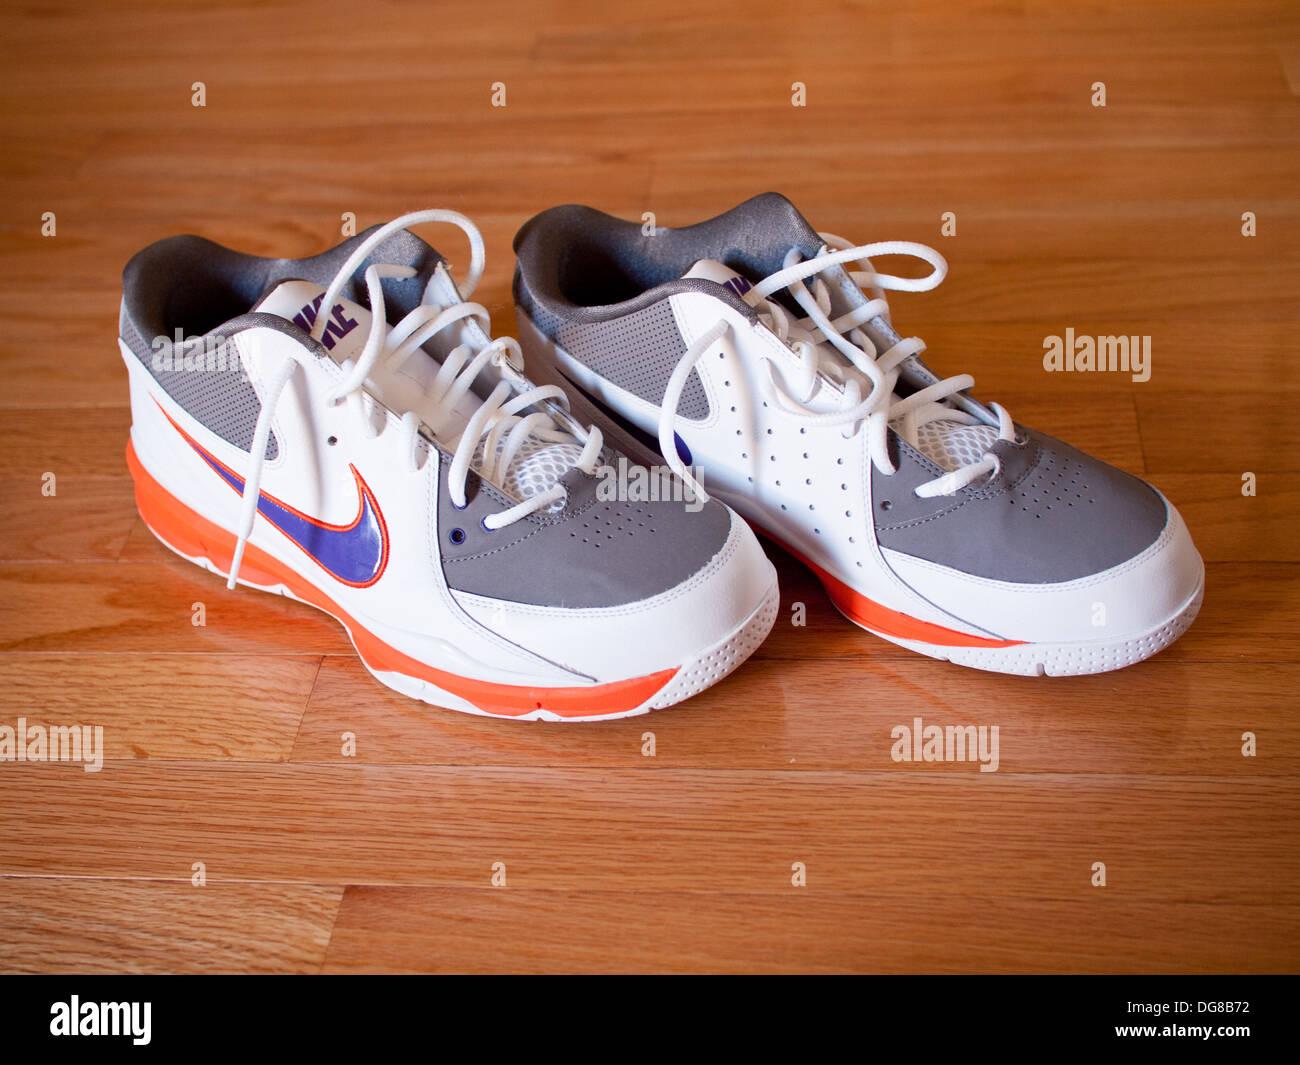 di paio uomini da Nike Un scarpe Steve a scarpe Nash basso Vai Zoom wqCCHf5d